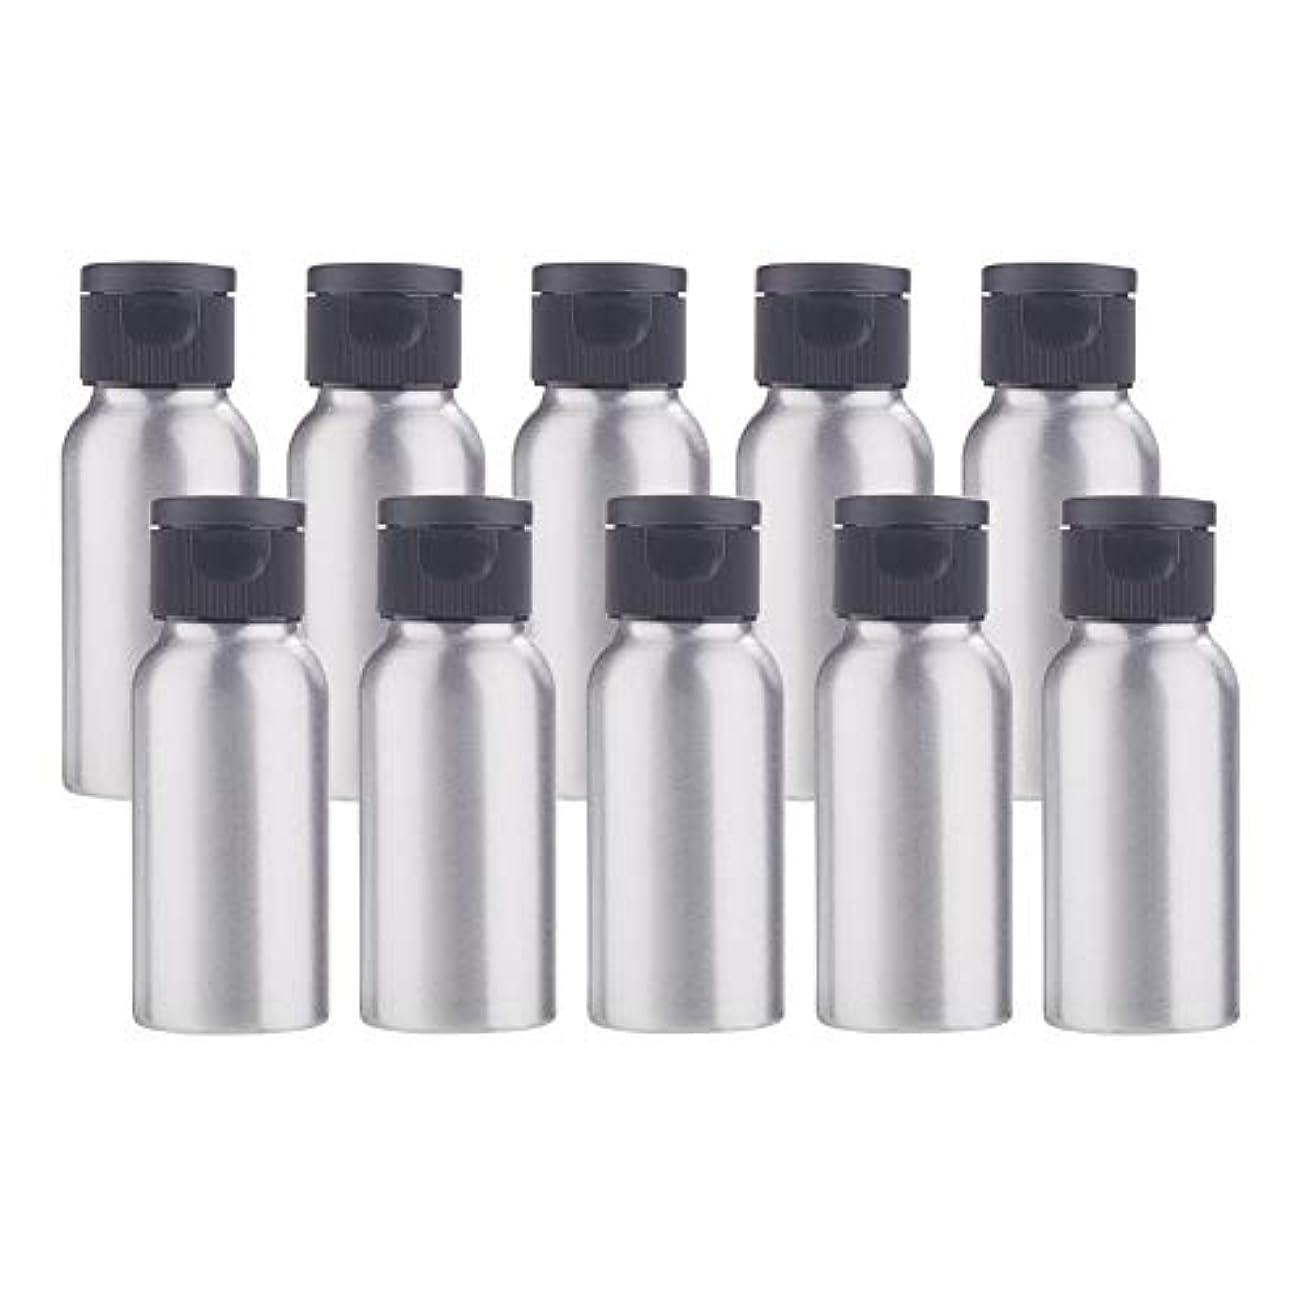 補償散らす力学BENECREAT 10個セット50mlアルミボトル フリップカバー空瓶 防錆 遮光 軽量 化粧品 アロマ 小分け 詰め替え 黒いプラスチック蓋